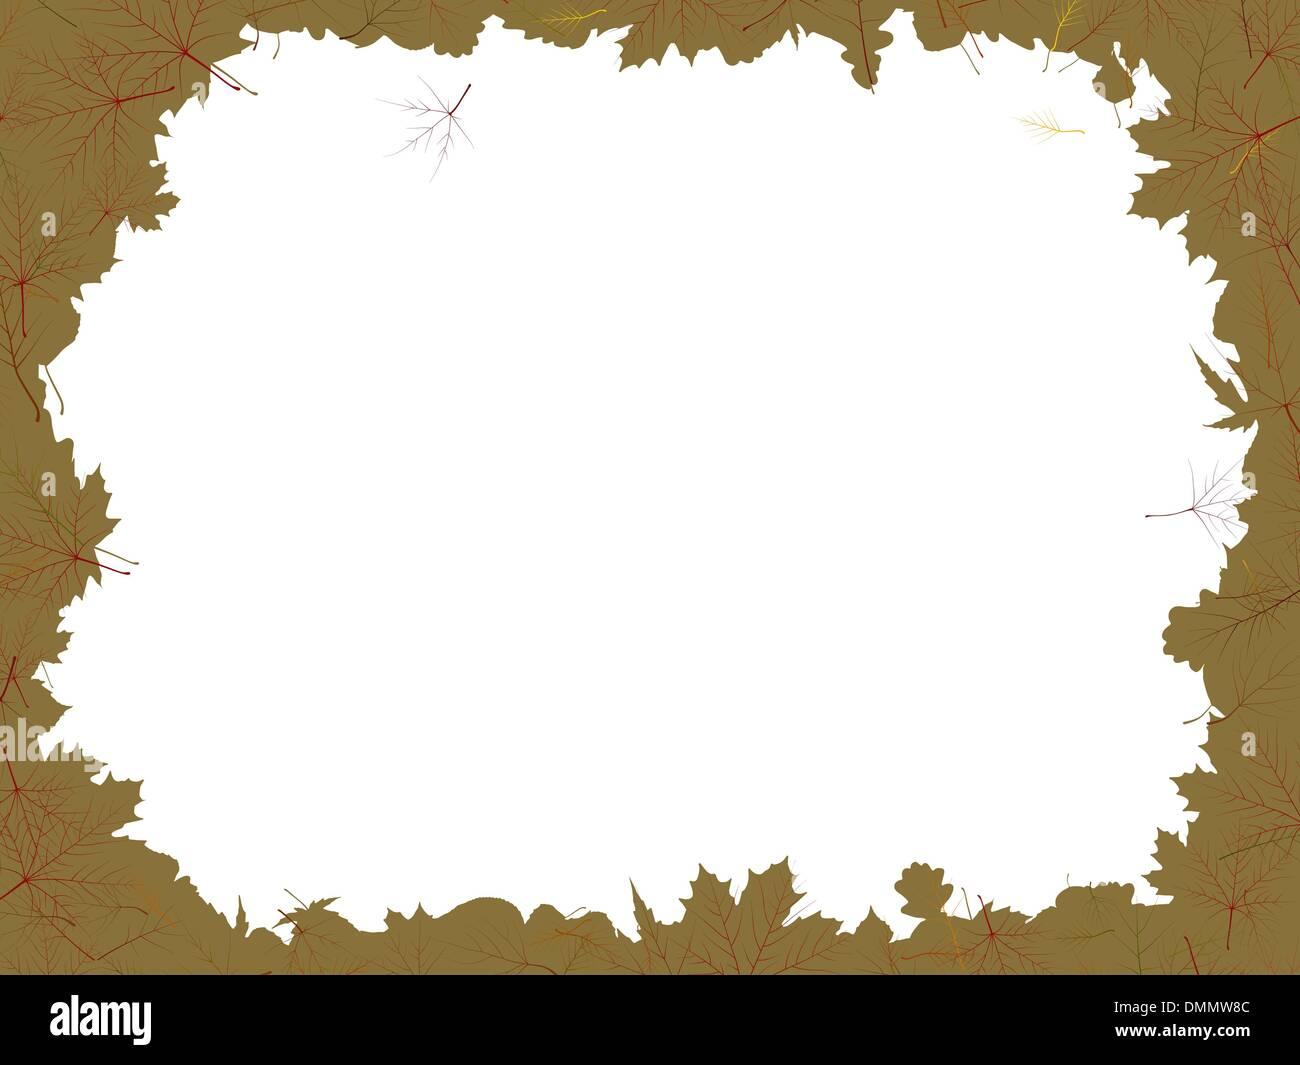 Ahorn und Eiche Blätter Rahmen Vektor Abbildung - Bild: 64383100 - Alamy